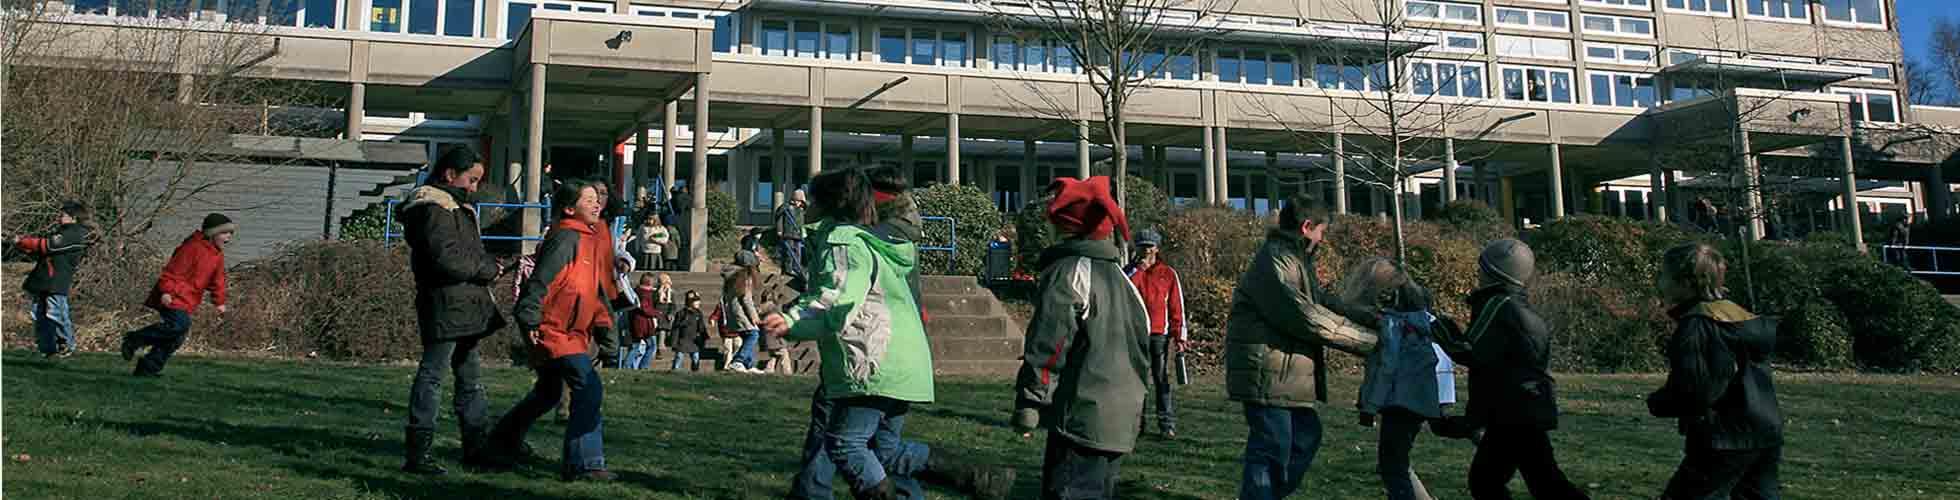 Spielende Kinder vor eine Schule